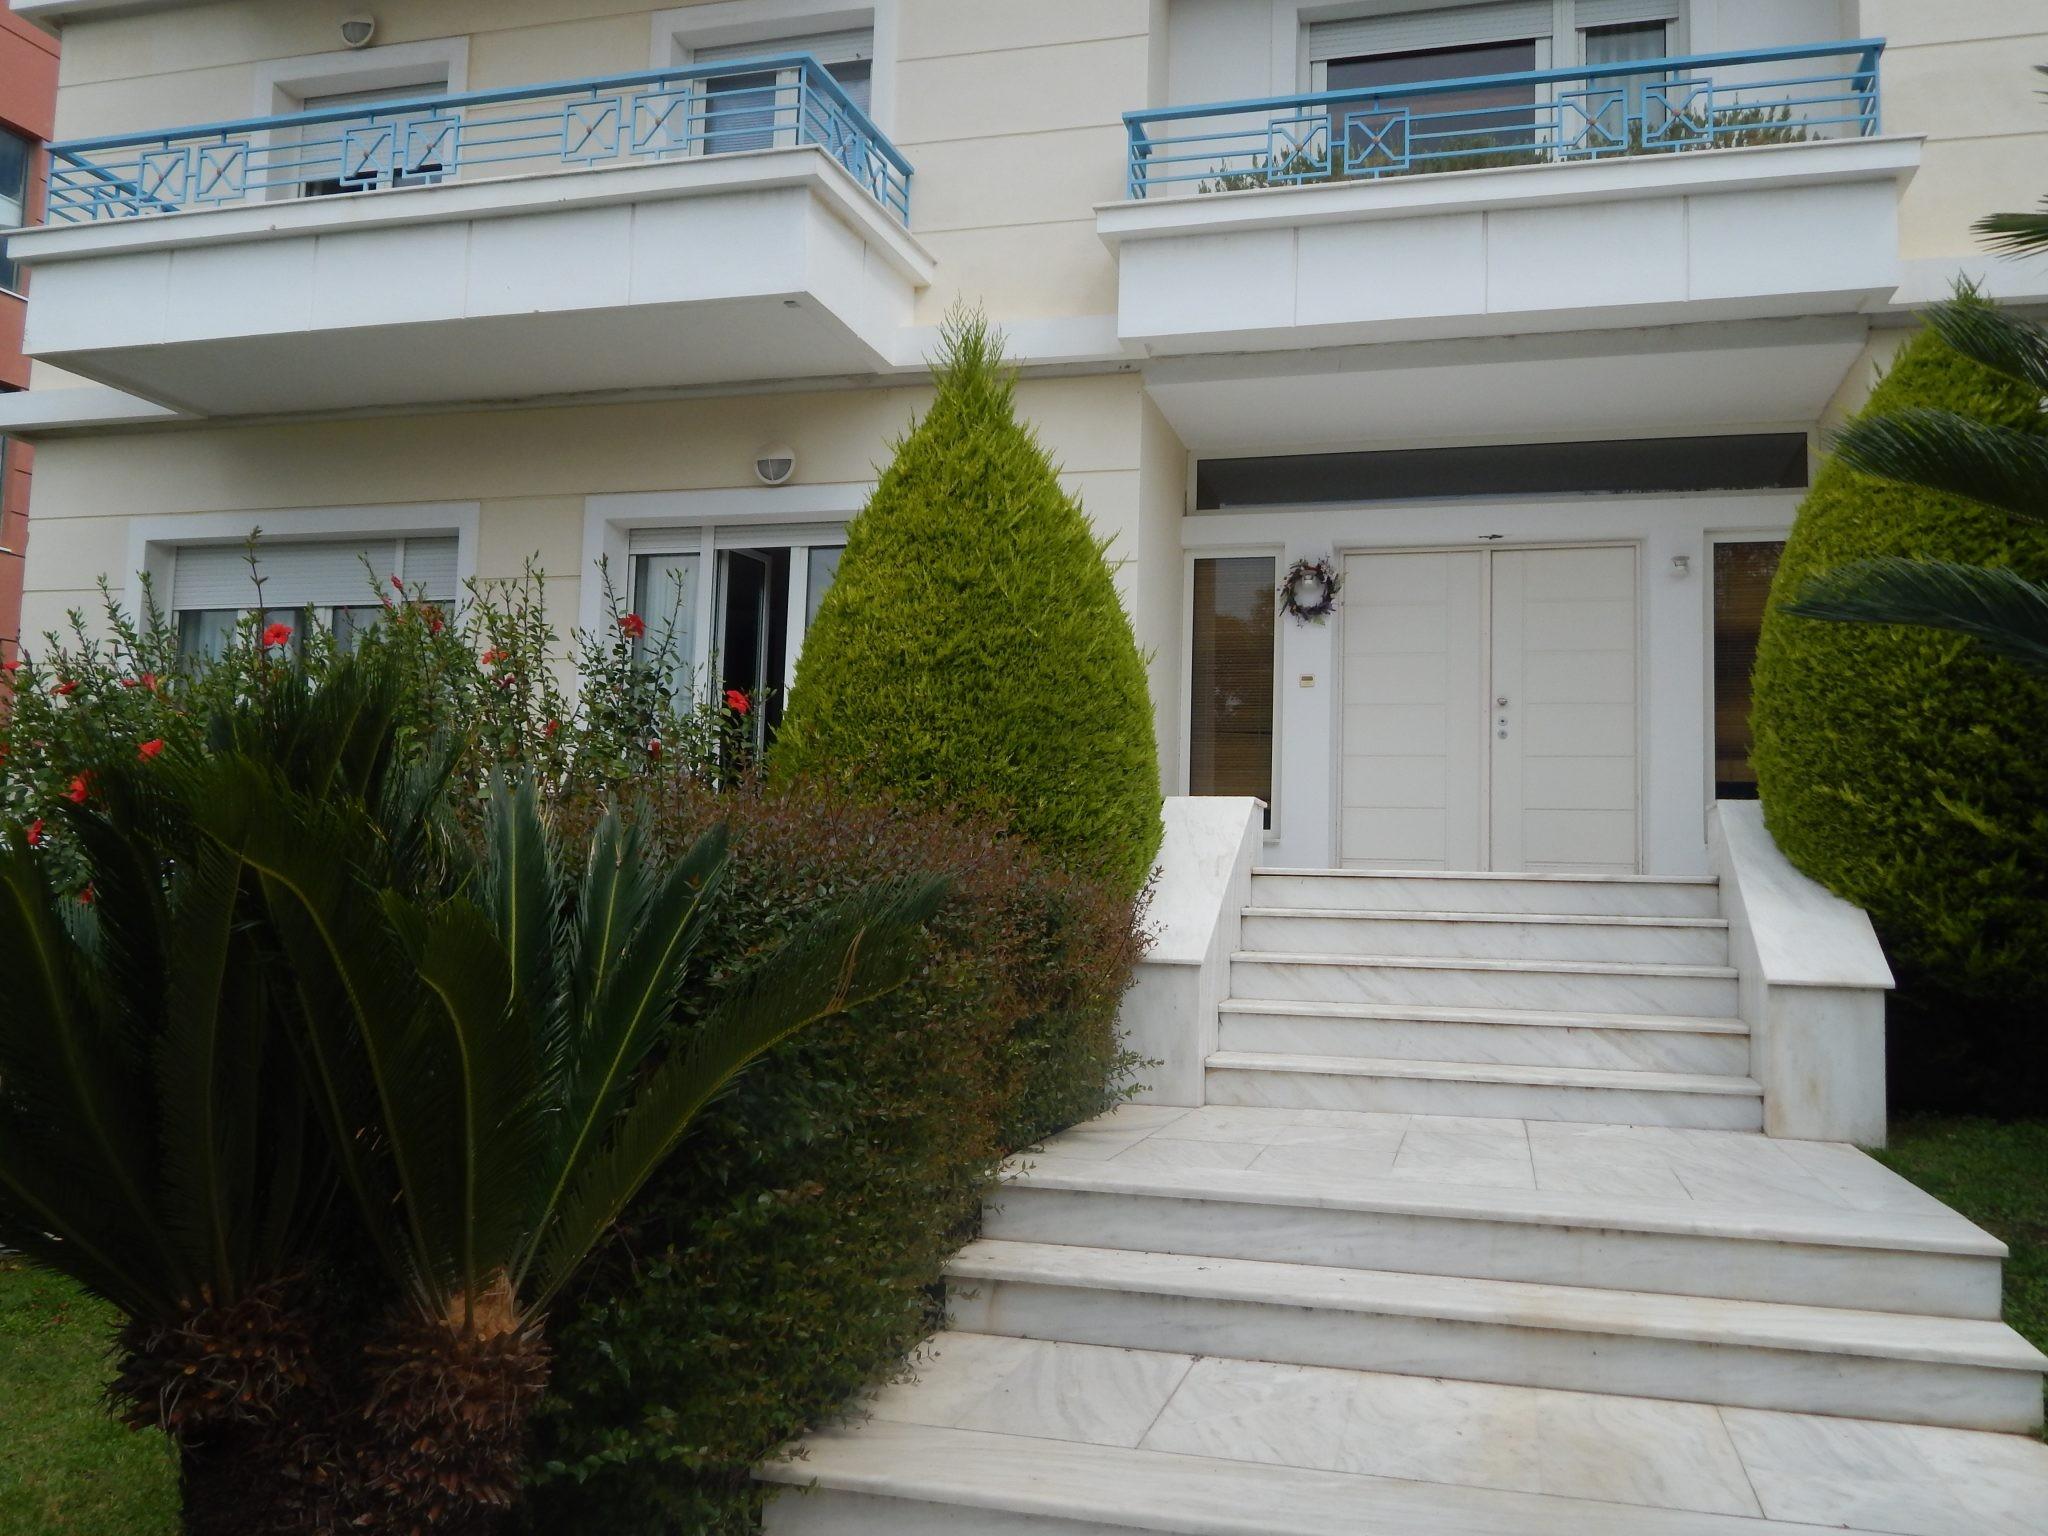 Casa, Glyfada - Ref GR-4701